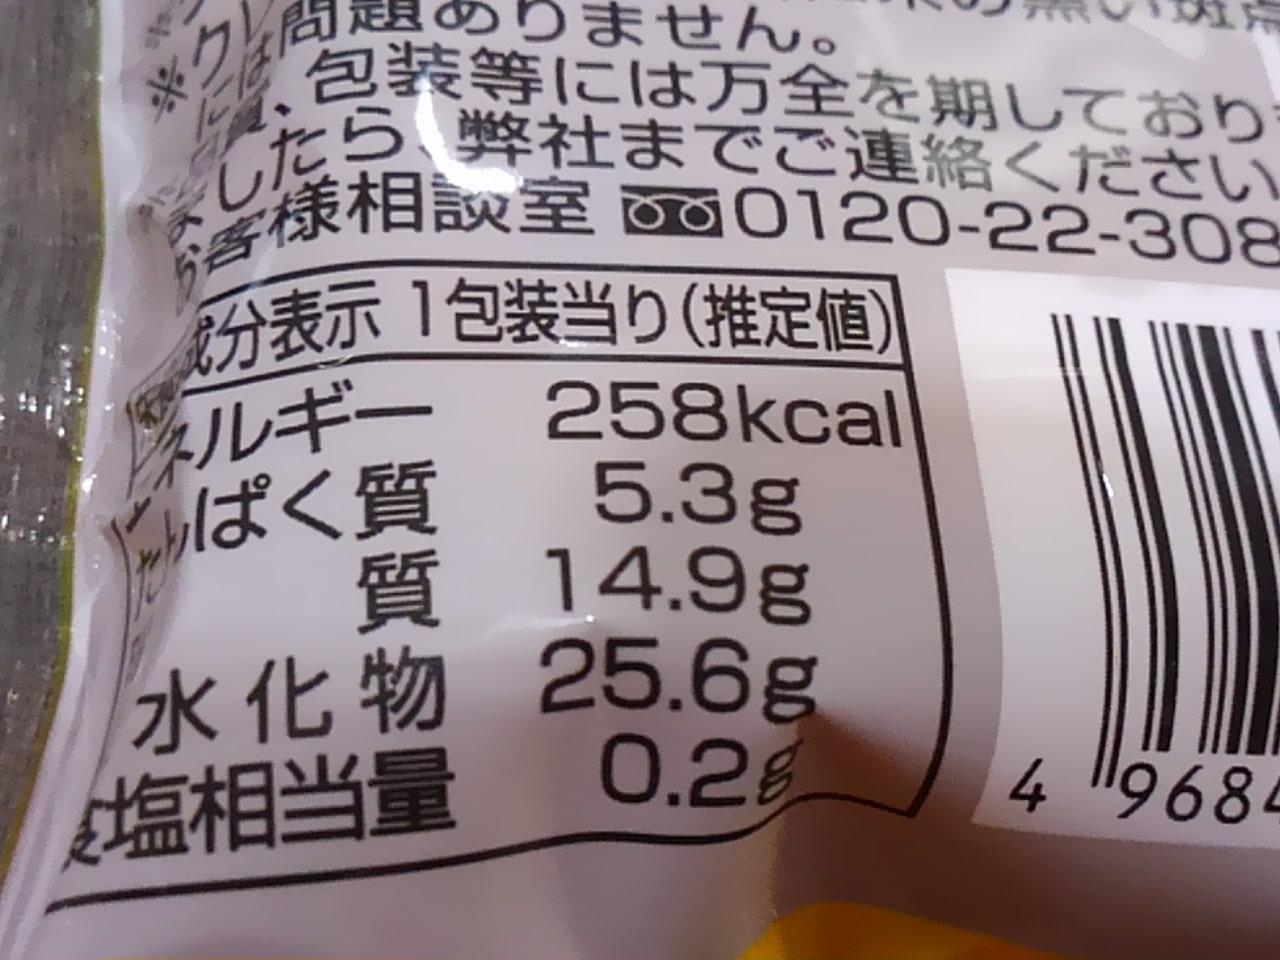 ファミマのプリンのもちもちクレープの感想・口コミ・カロリー・値段